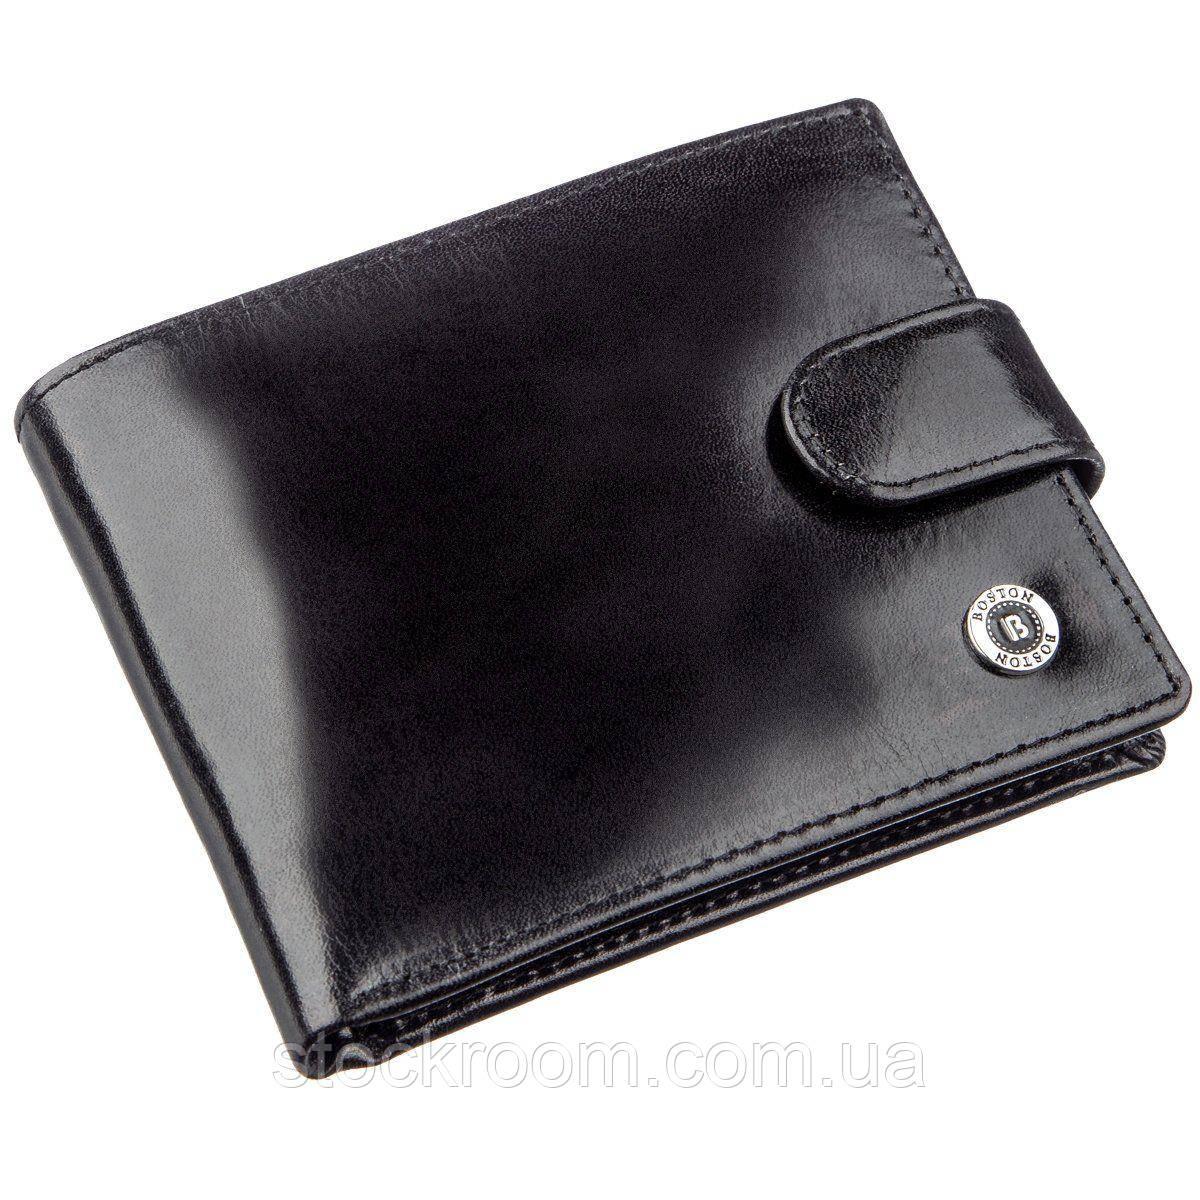 Якісний шкіряний гаманець для чоловіків Boston 18809 Чорний, Чорний